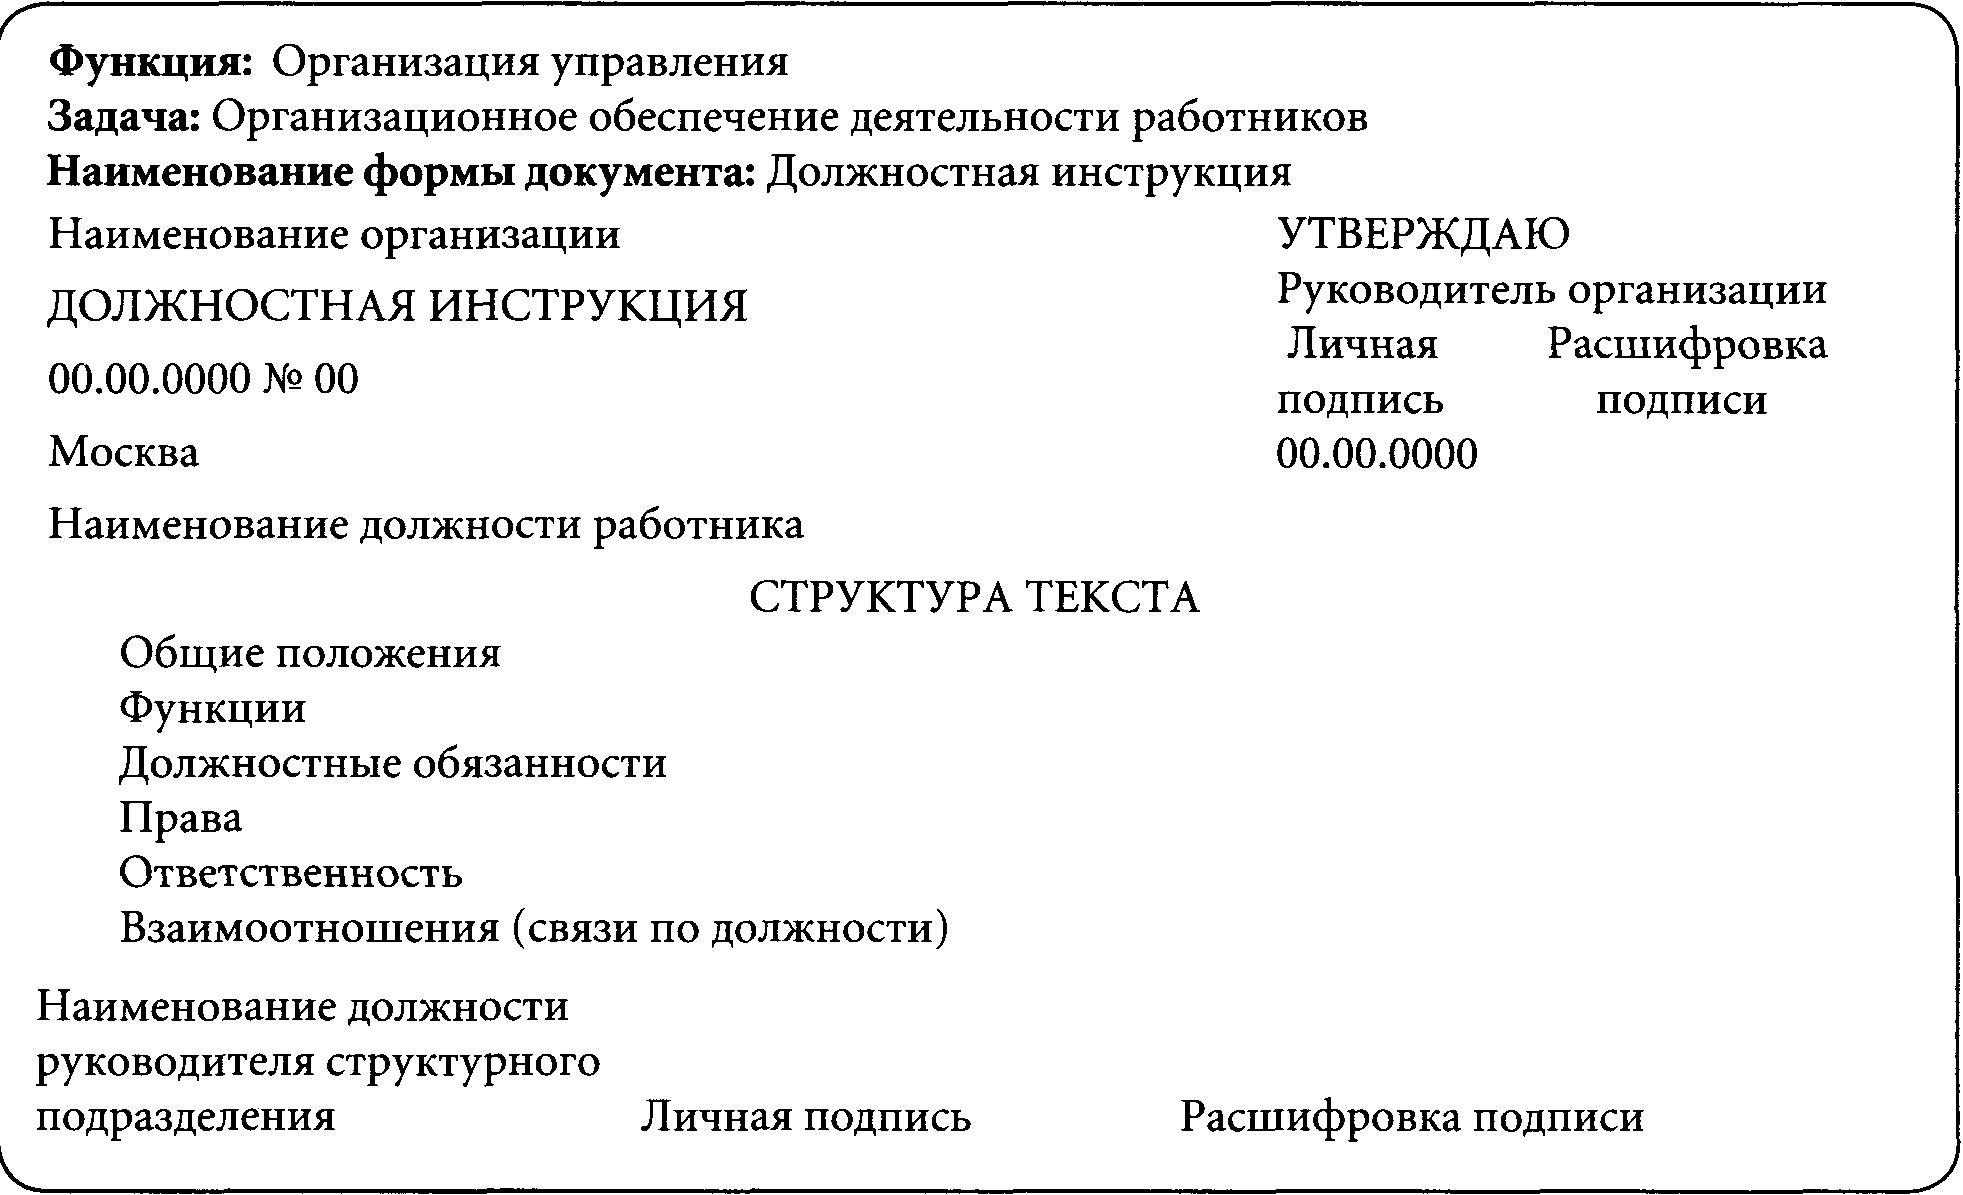 Приказ о внесении изменений в должностные инструкции. образец